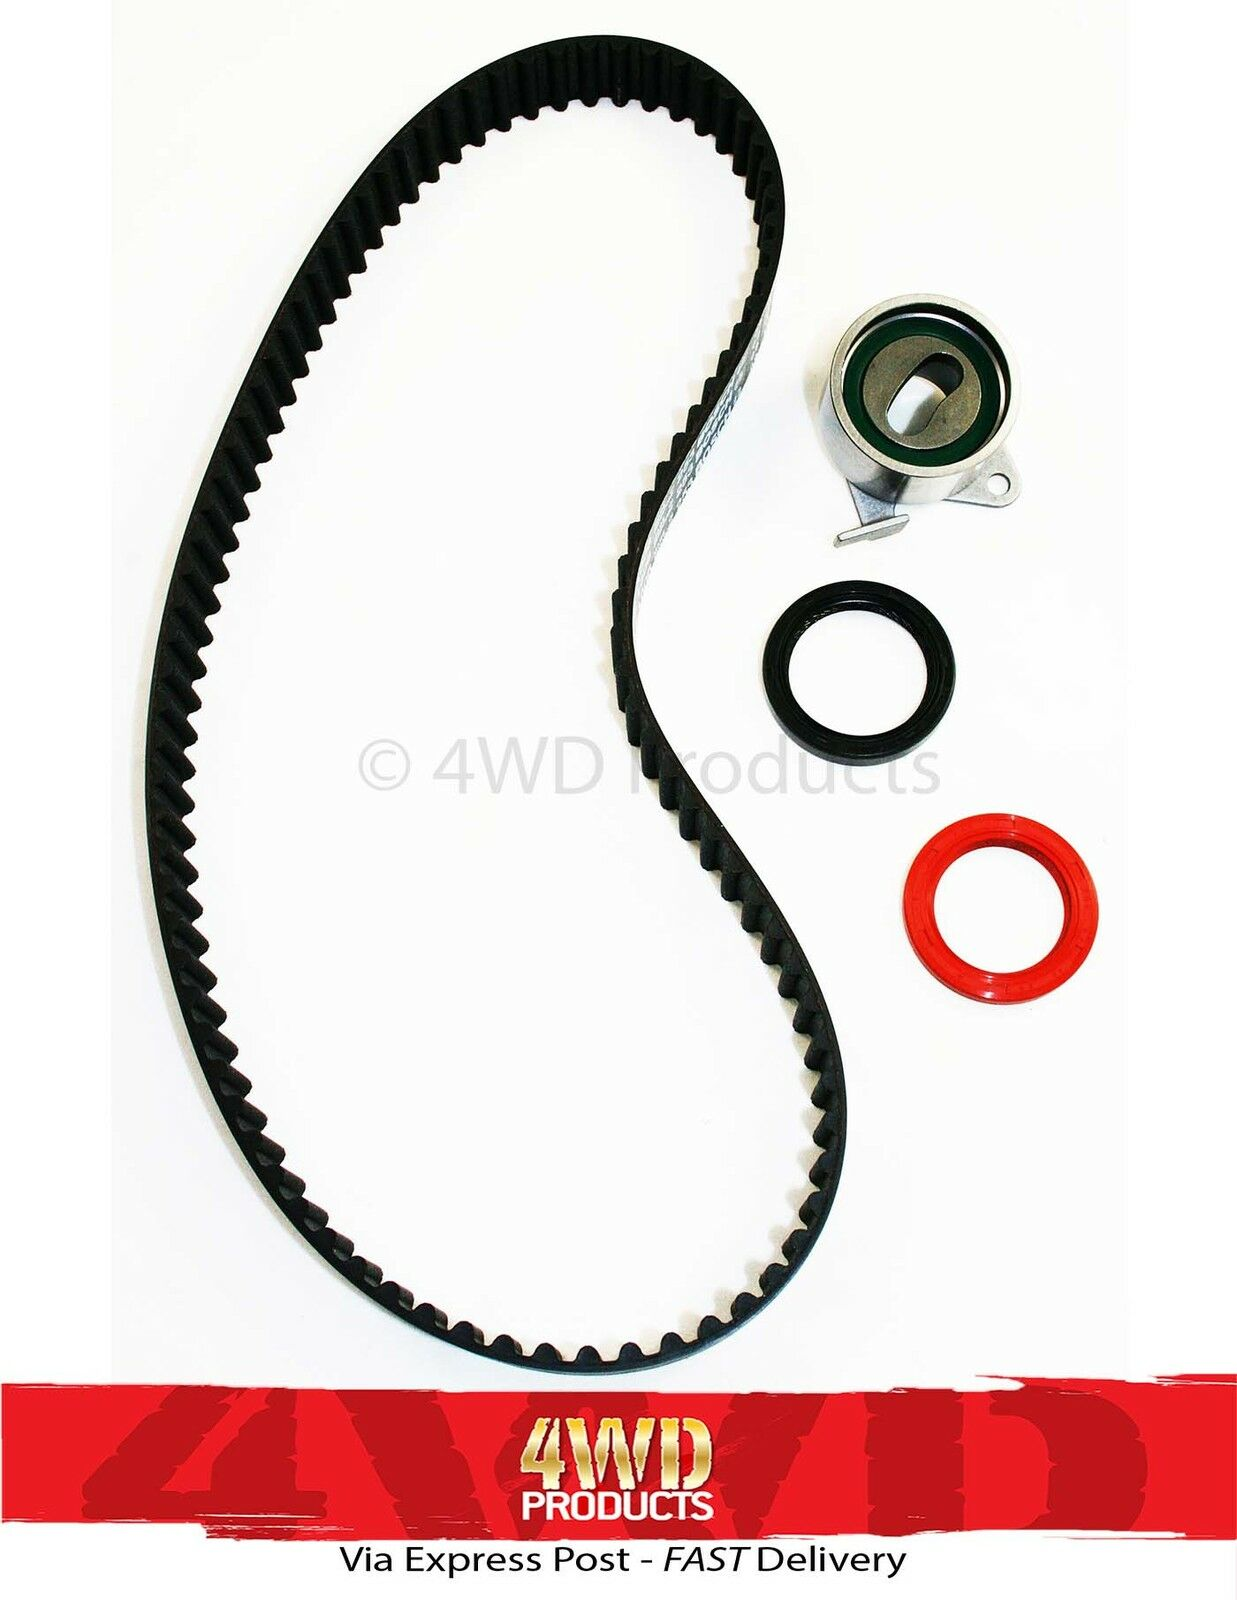 Daihatsu Timing Belt : Timing belt kit daihatsu feroza hd e  ebay